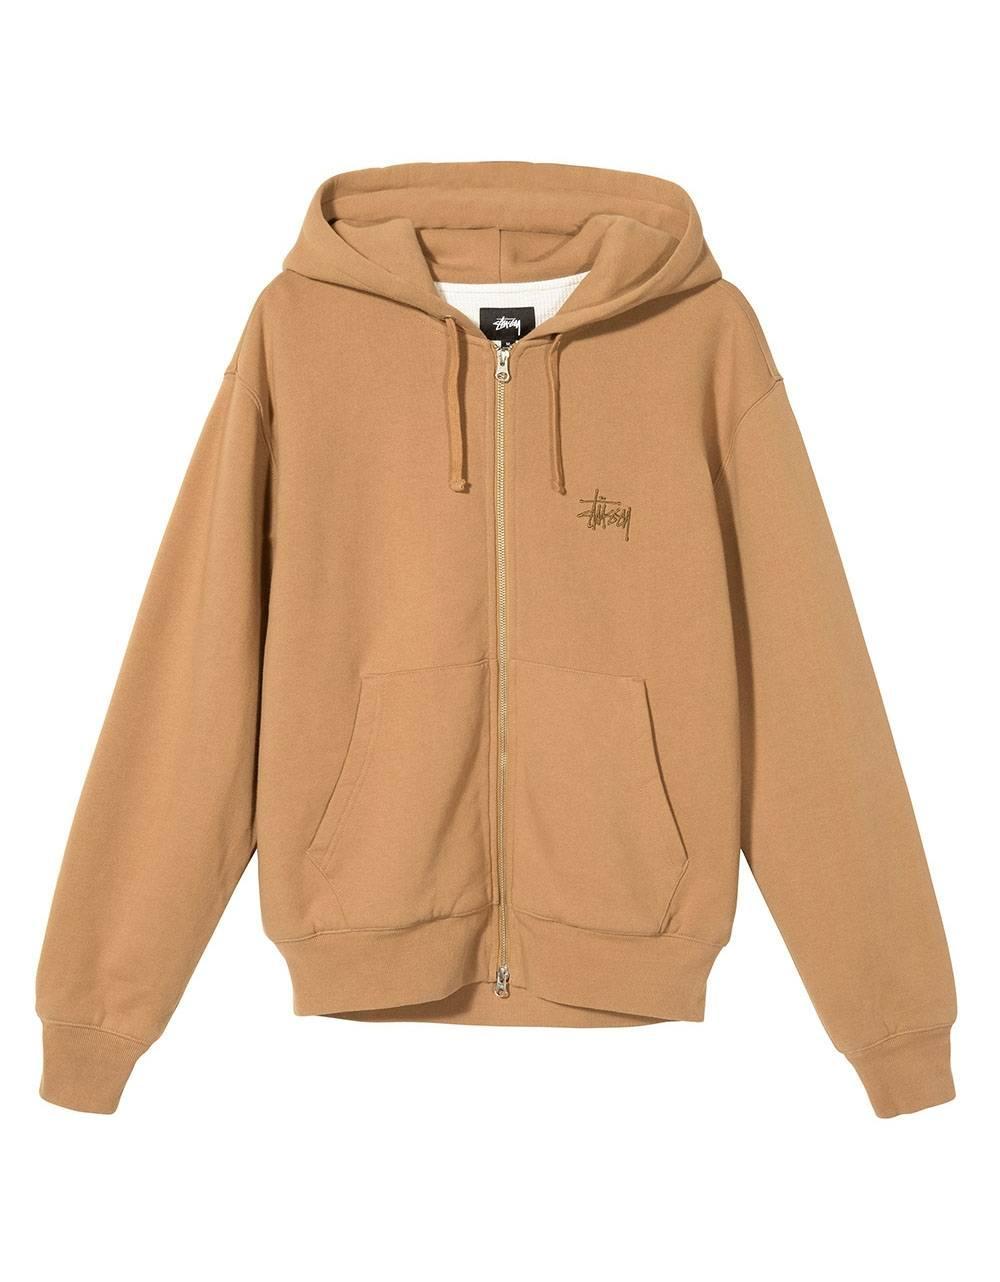 Stussy Thermal zip hoodie - brown Stussy Sweater 169,00€